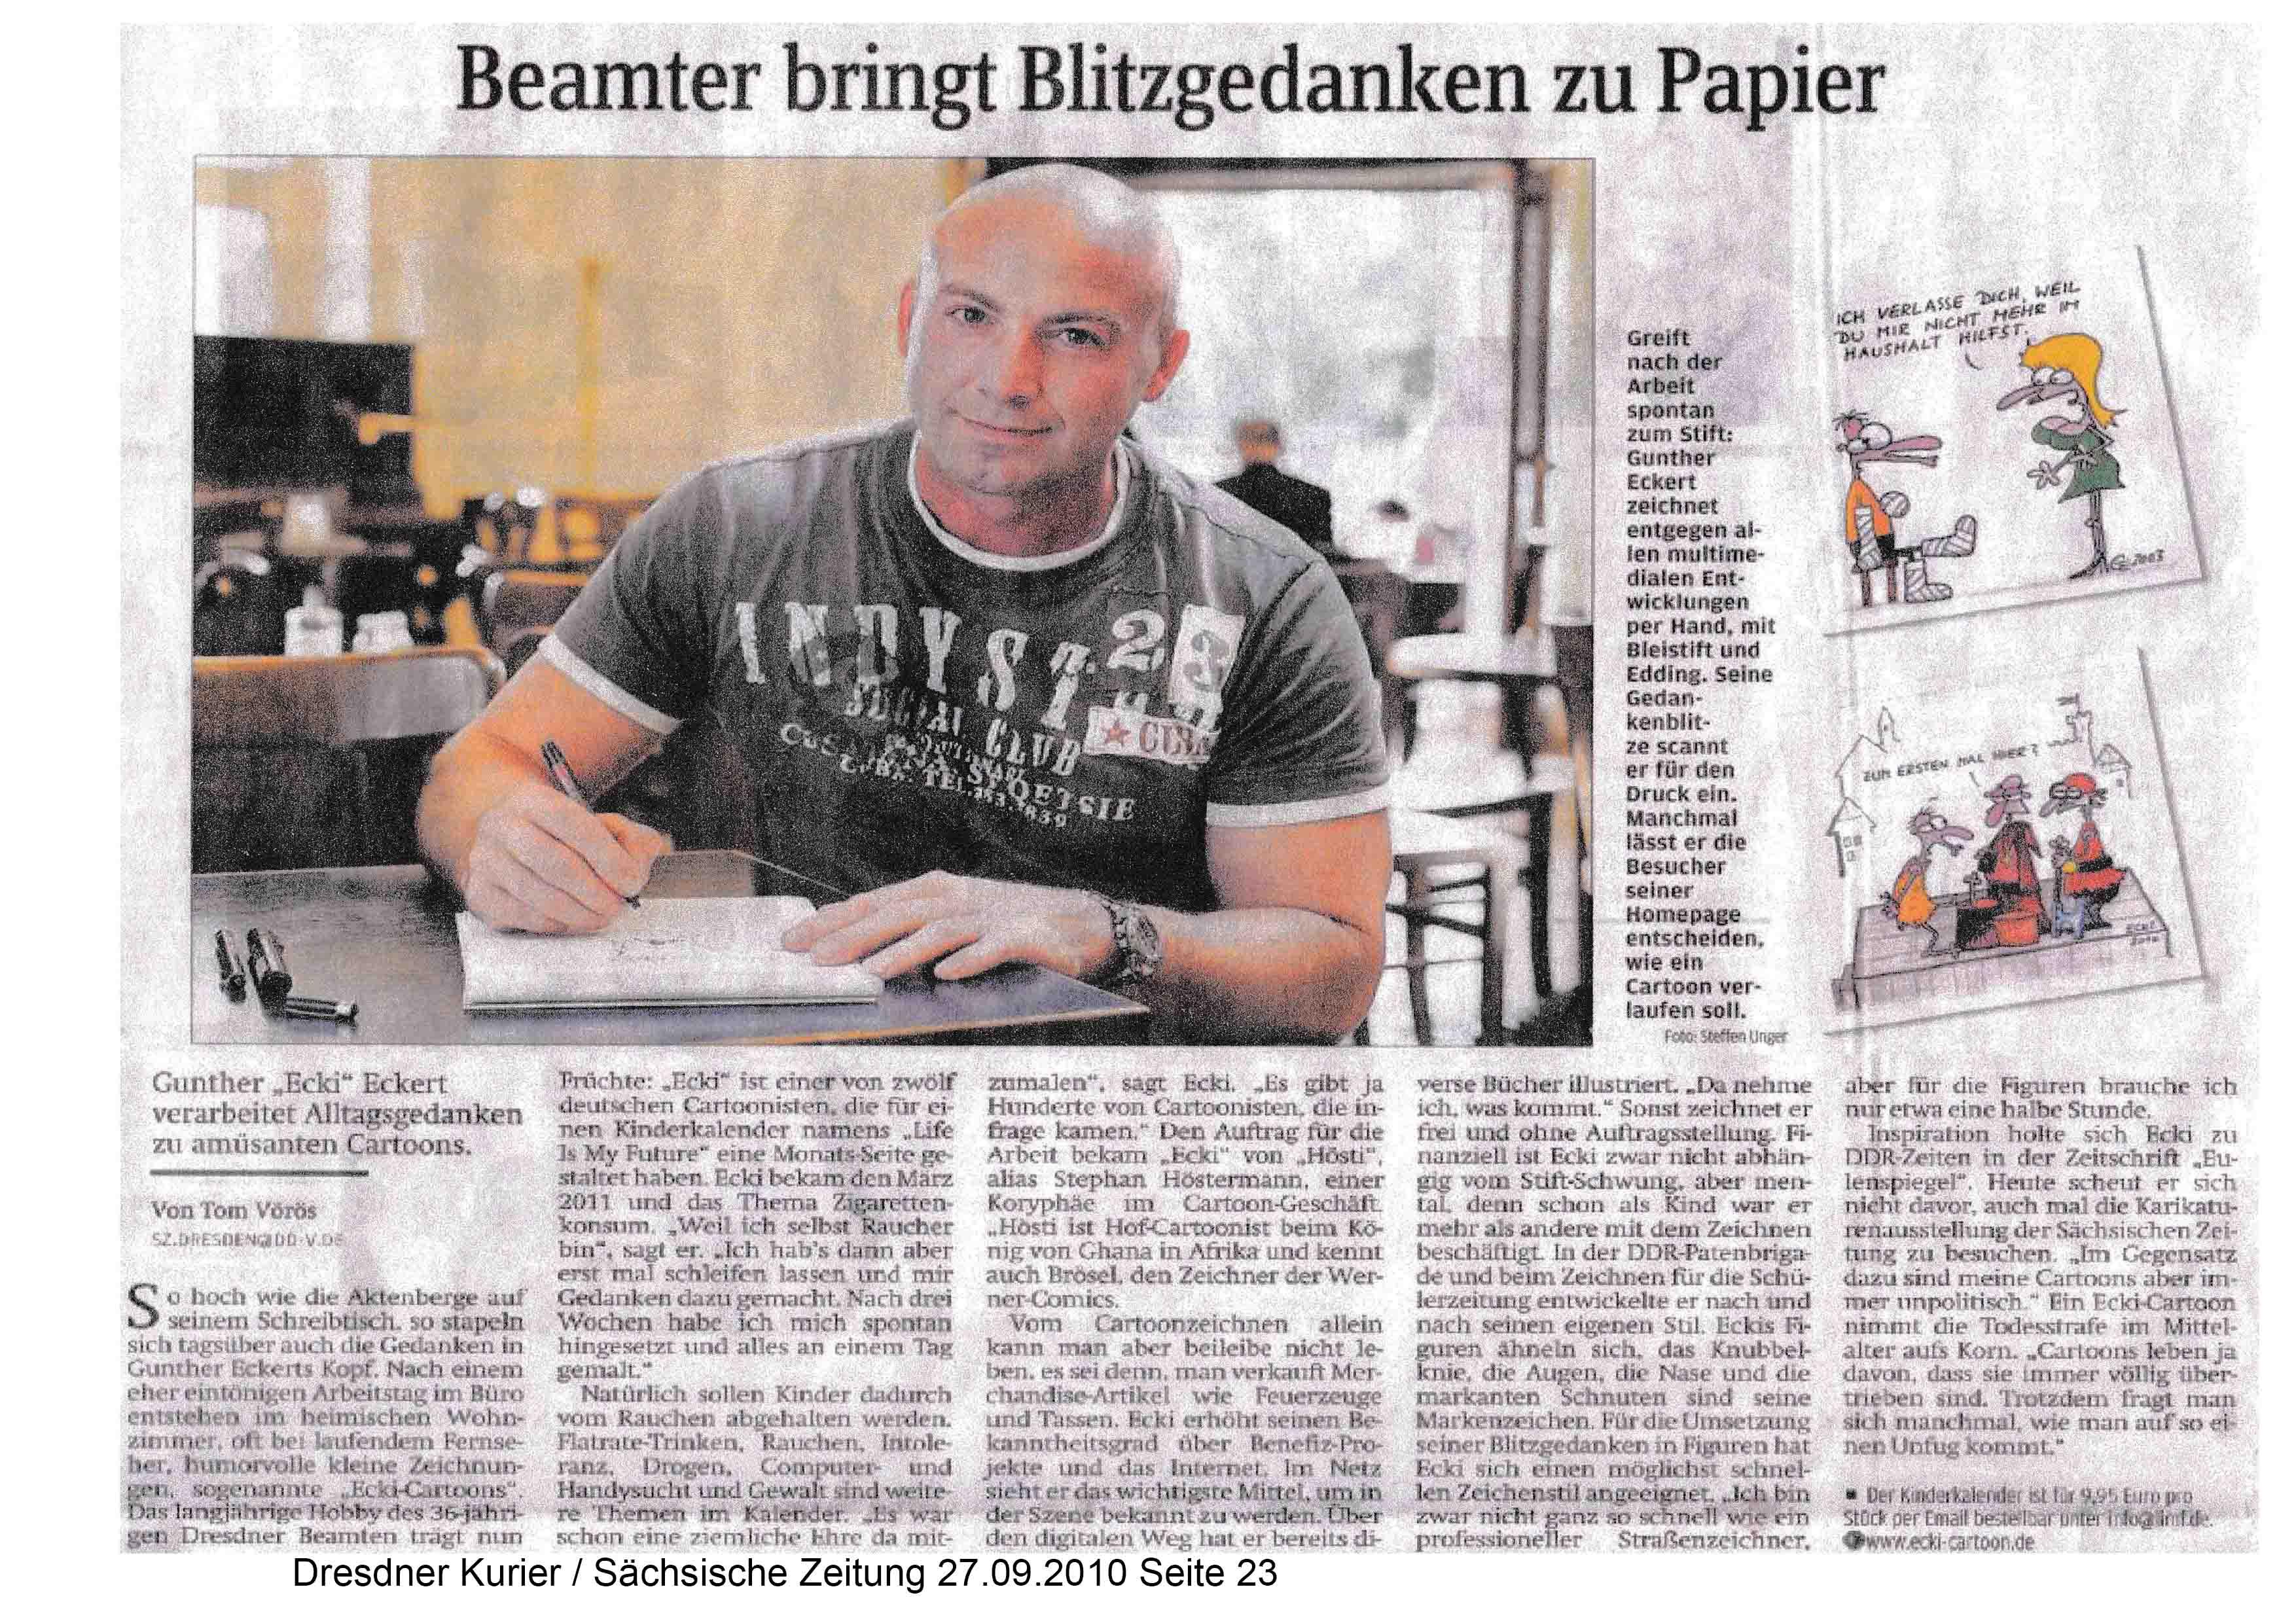 Dresdner Kurier Sächsische Zeitung 27 09 2010 Seite 23